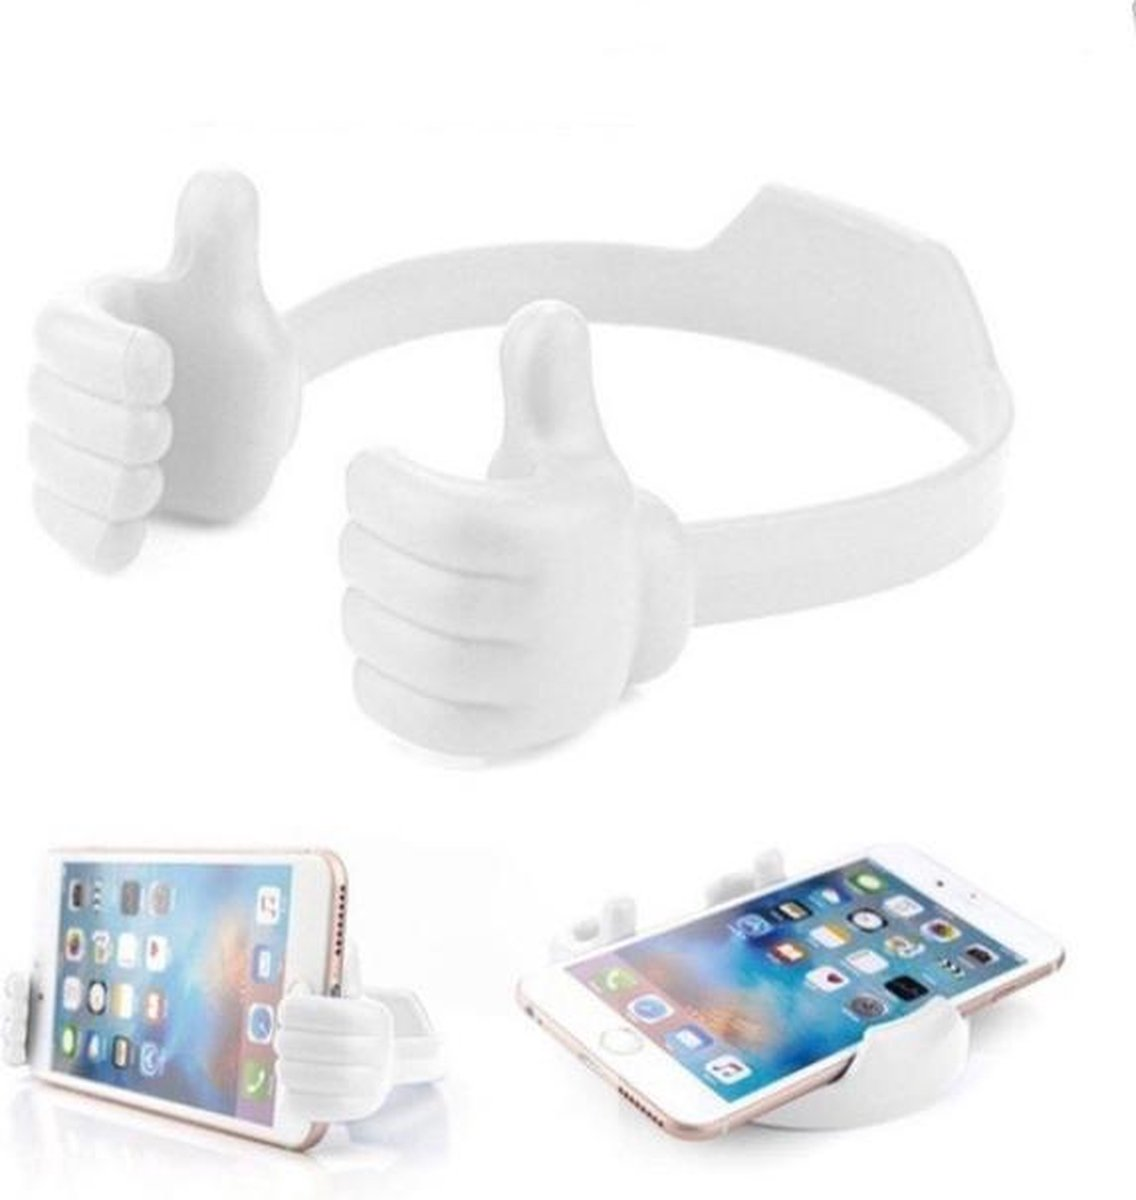 Telefoonstandaard - Speelgoed - Cadeau - Telefoonhouder Fiets - Gsm Houder - Universeel - Tablet - Smartphone - Kinderen en Volwassenen - Flexibel - Abs - Wit